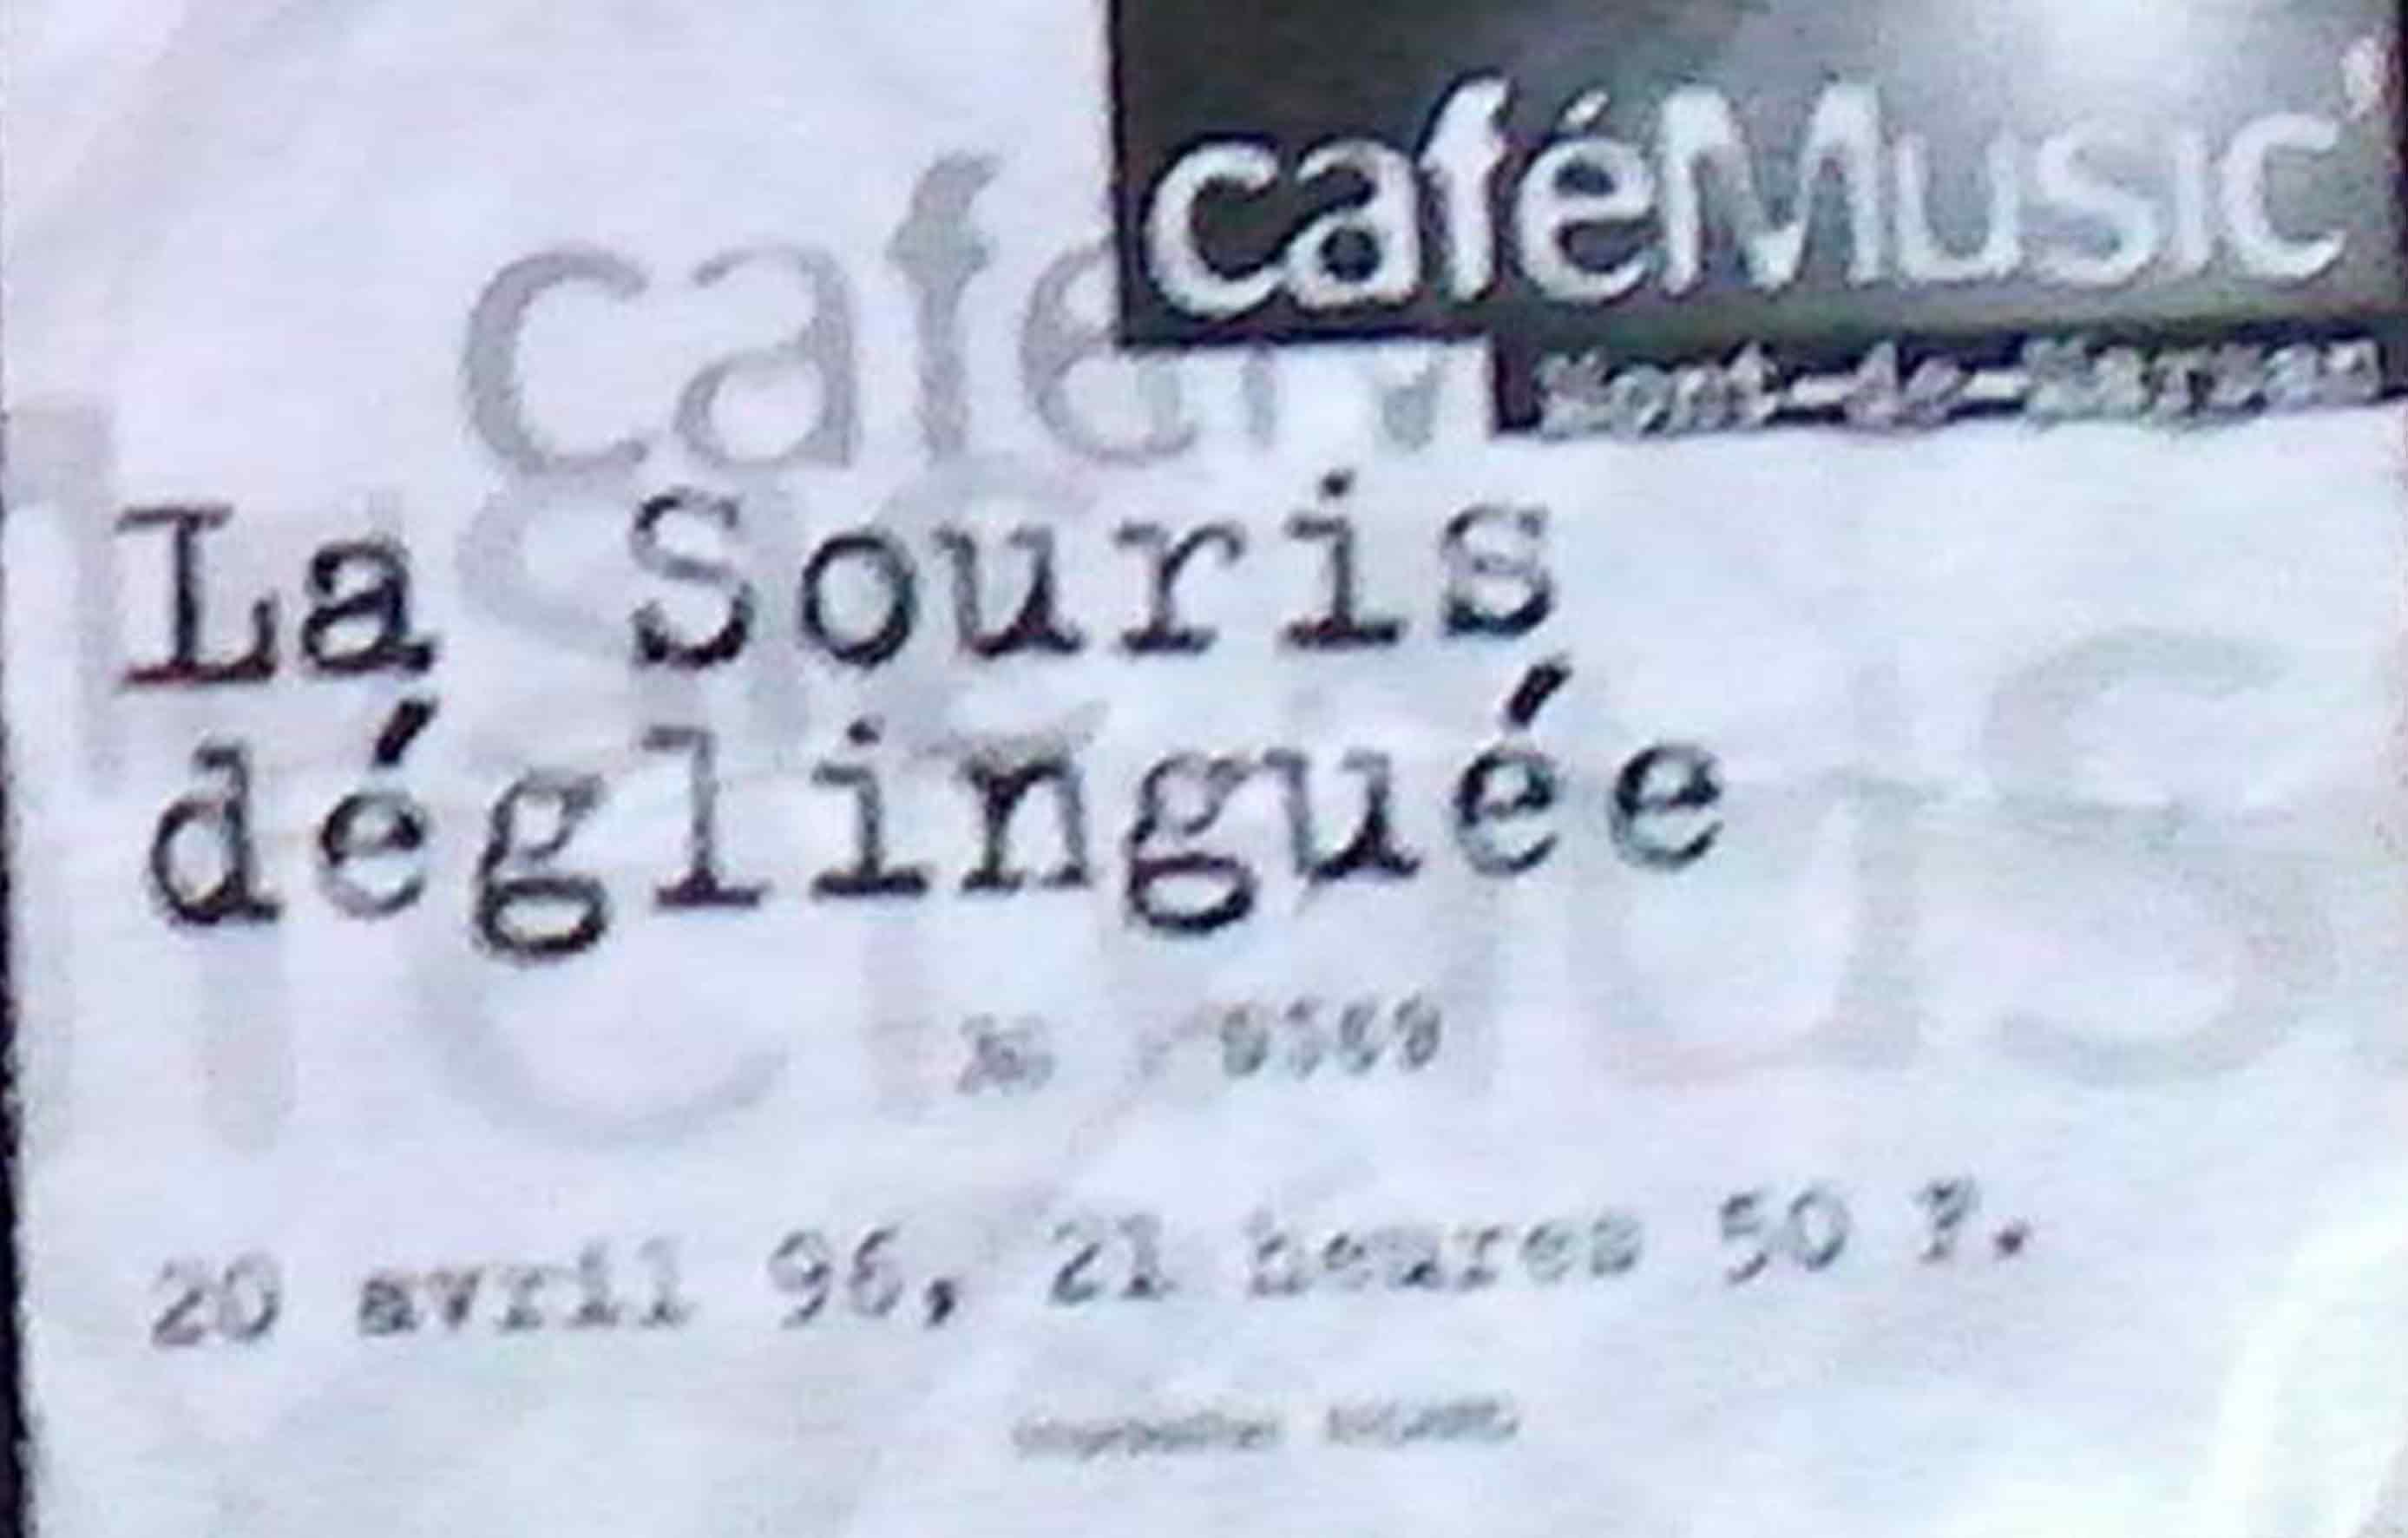 """20 avril 1996 La Souris Deglinguée à Mont de Marsan """"Café Music"""""""